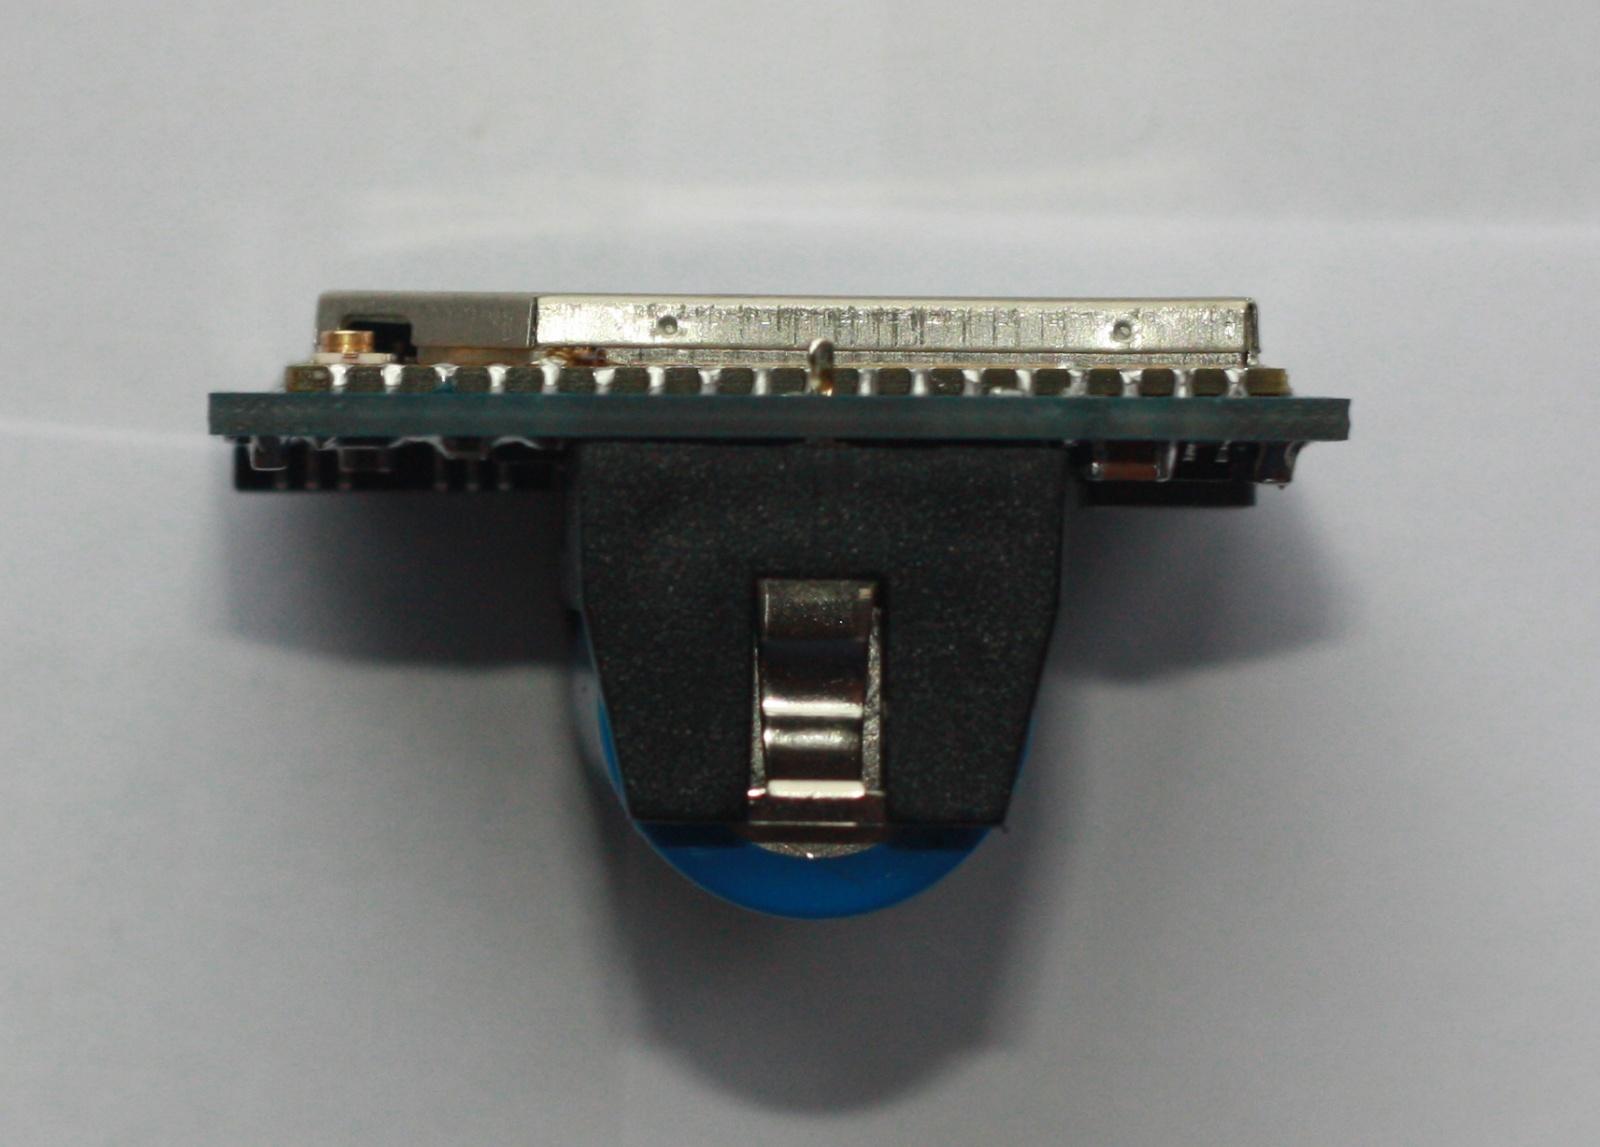 Как мы сделали малогабаритный облачный видеорегистратор из обычной IP камеры - 35